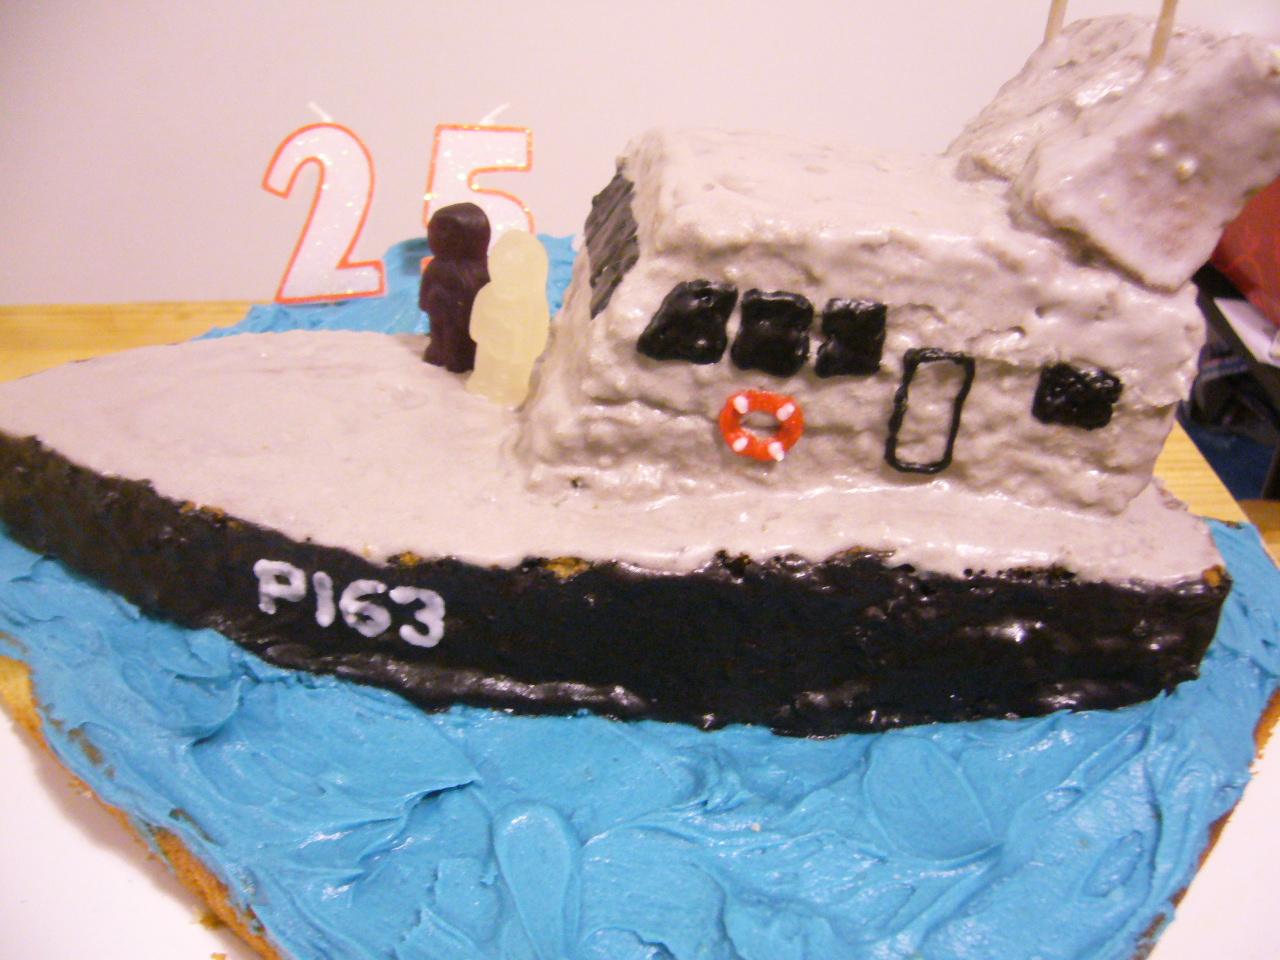 Boat Shaped Cake Cake Or Mistake